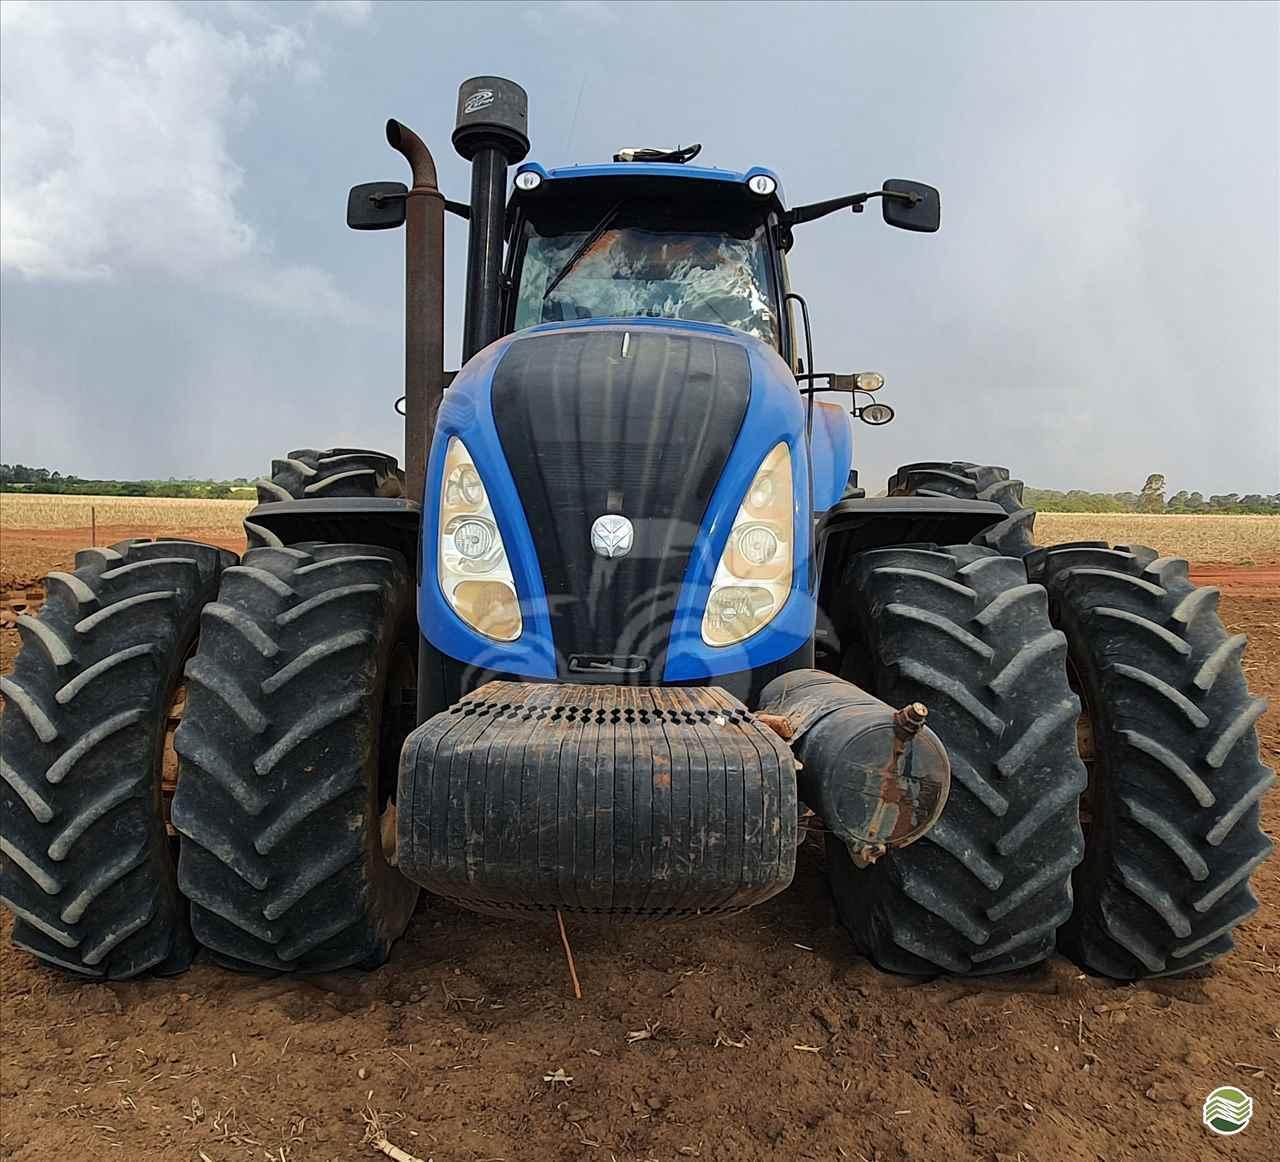 TRATOR NEW HOLLAND NEW T8 355 Tração 4x4 EP Máquinas e Implementos Agrícolas CRISTALINA GOIAS GO